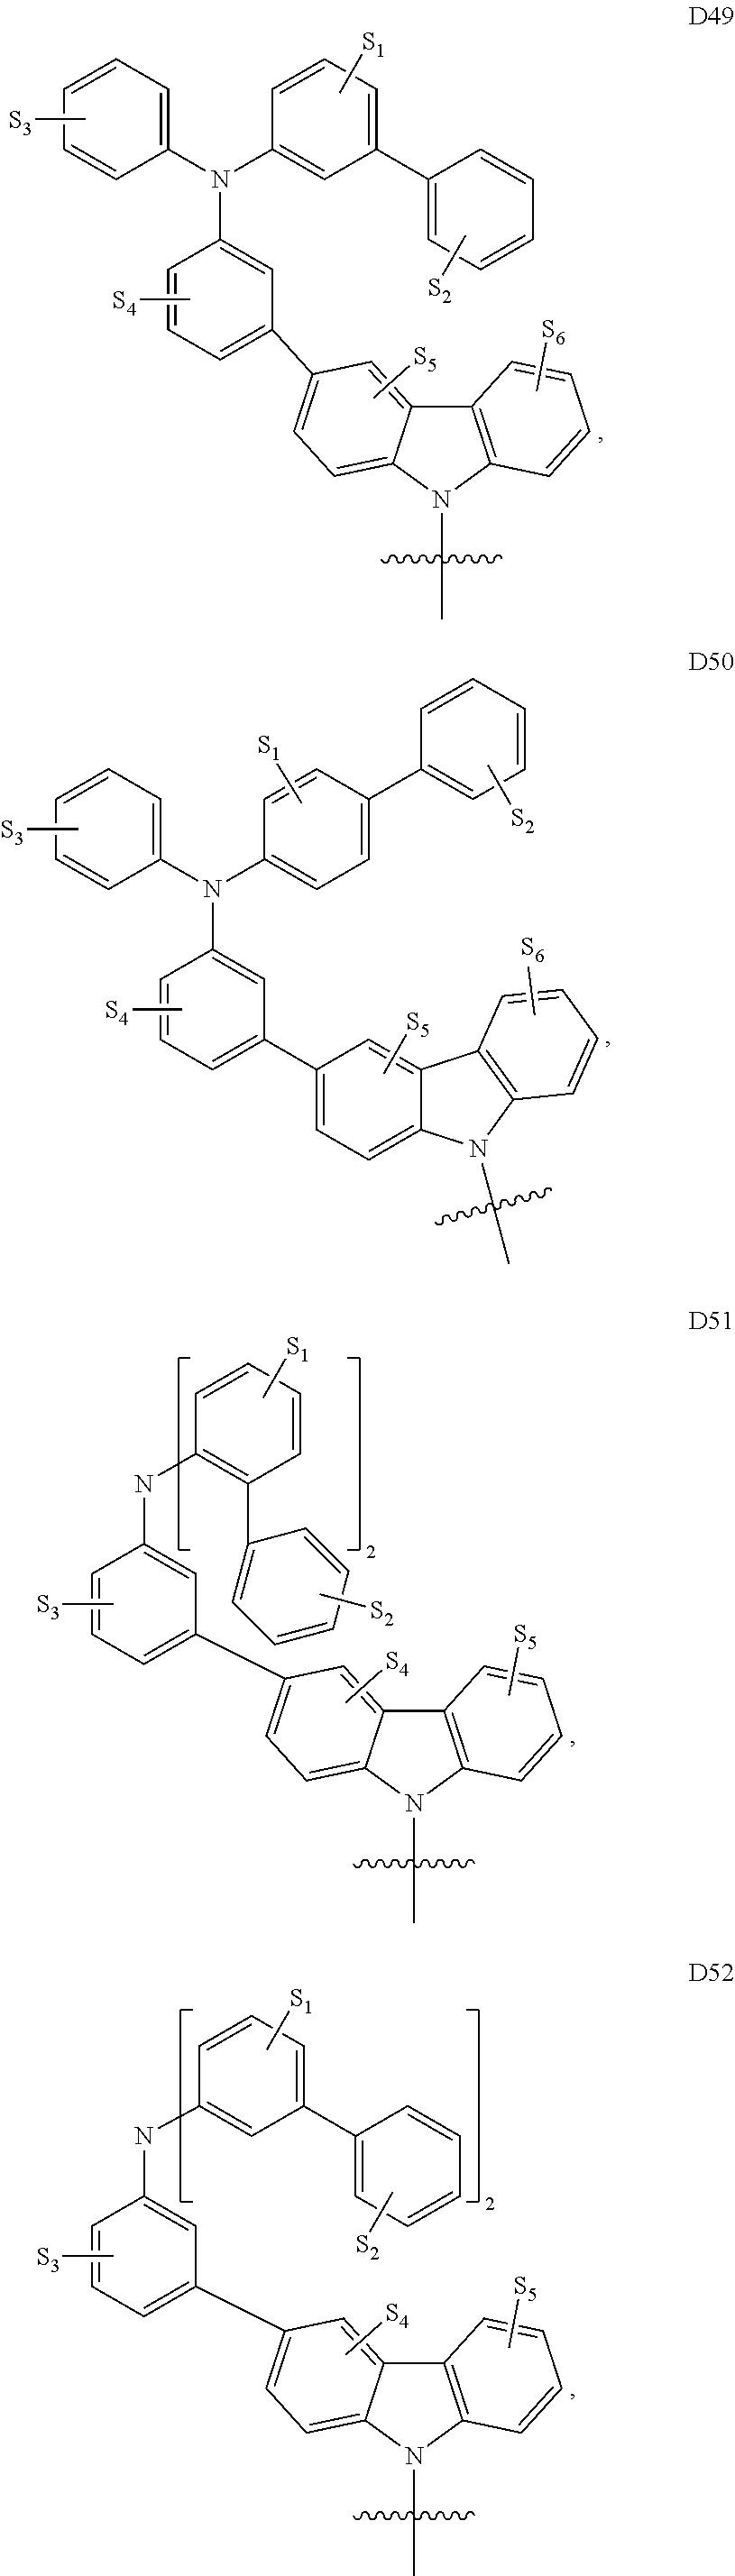 Figure US09537106-20170103-C00134